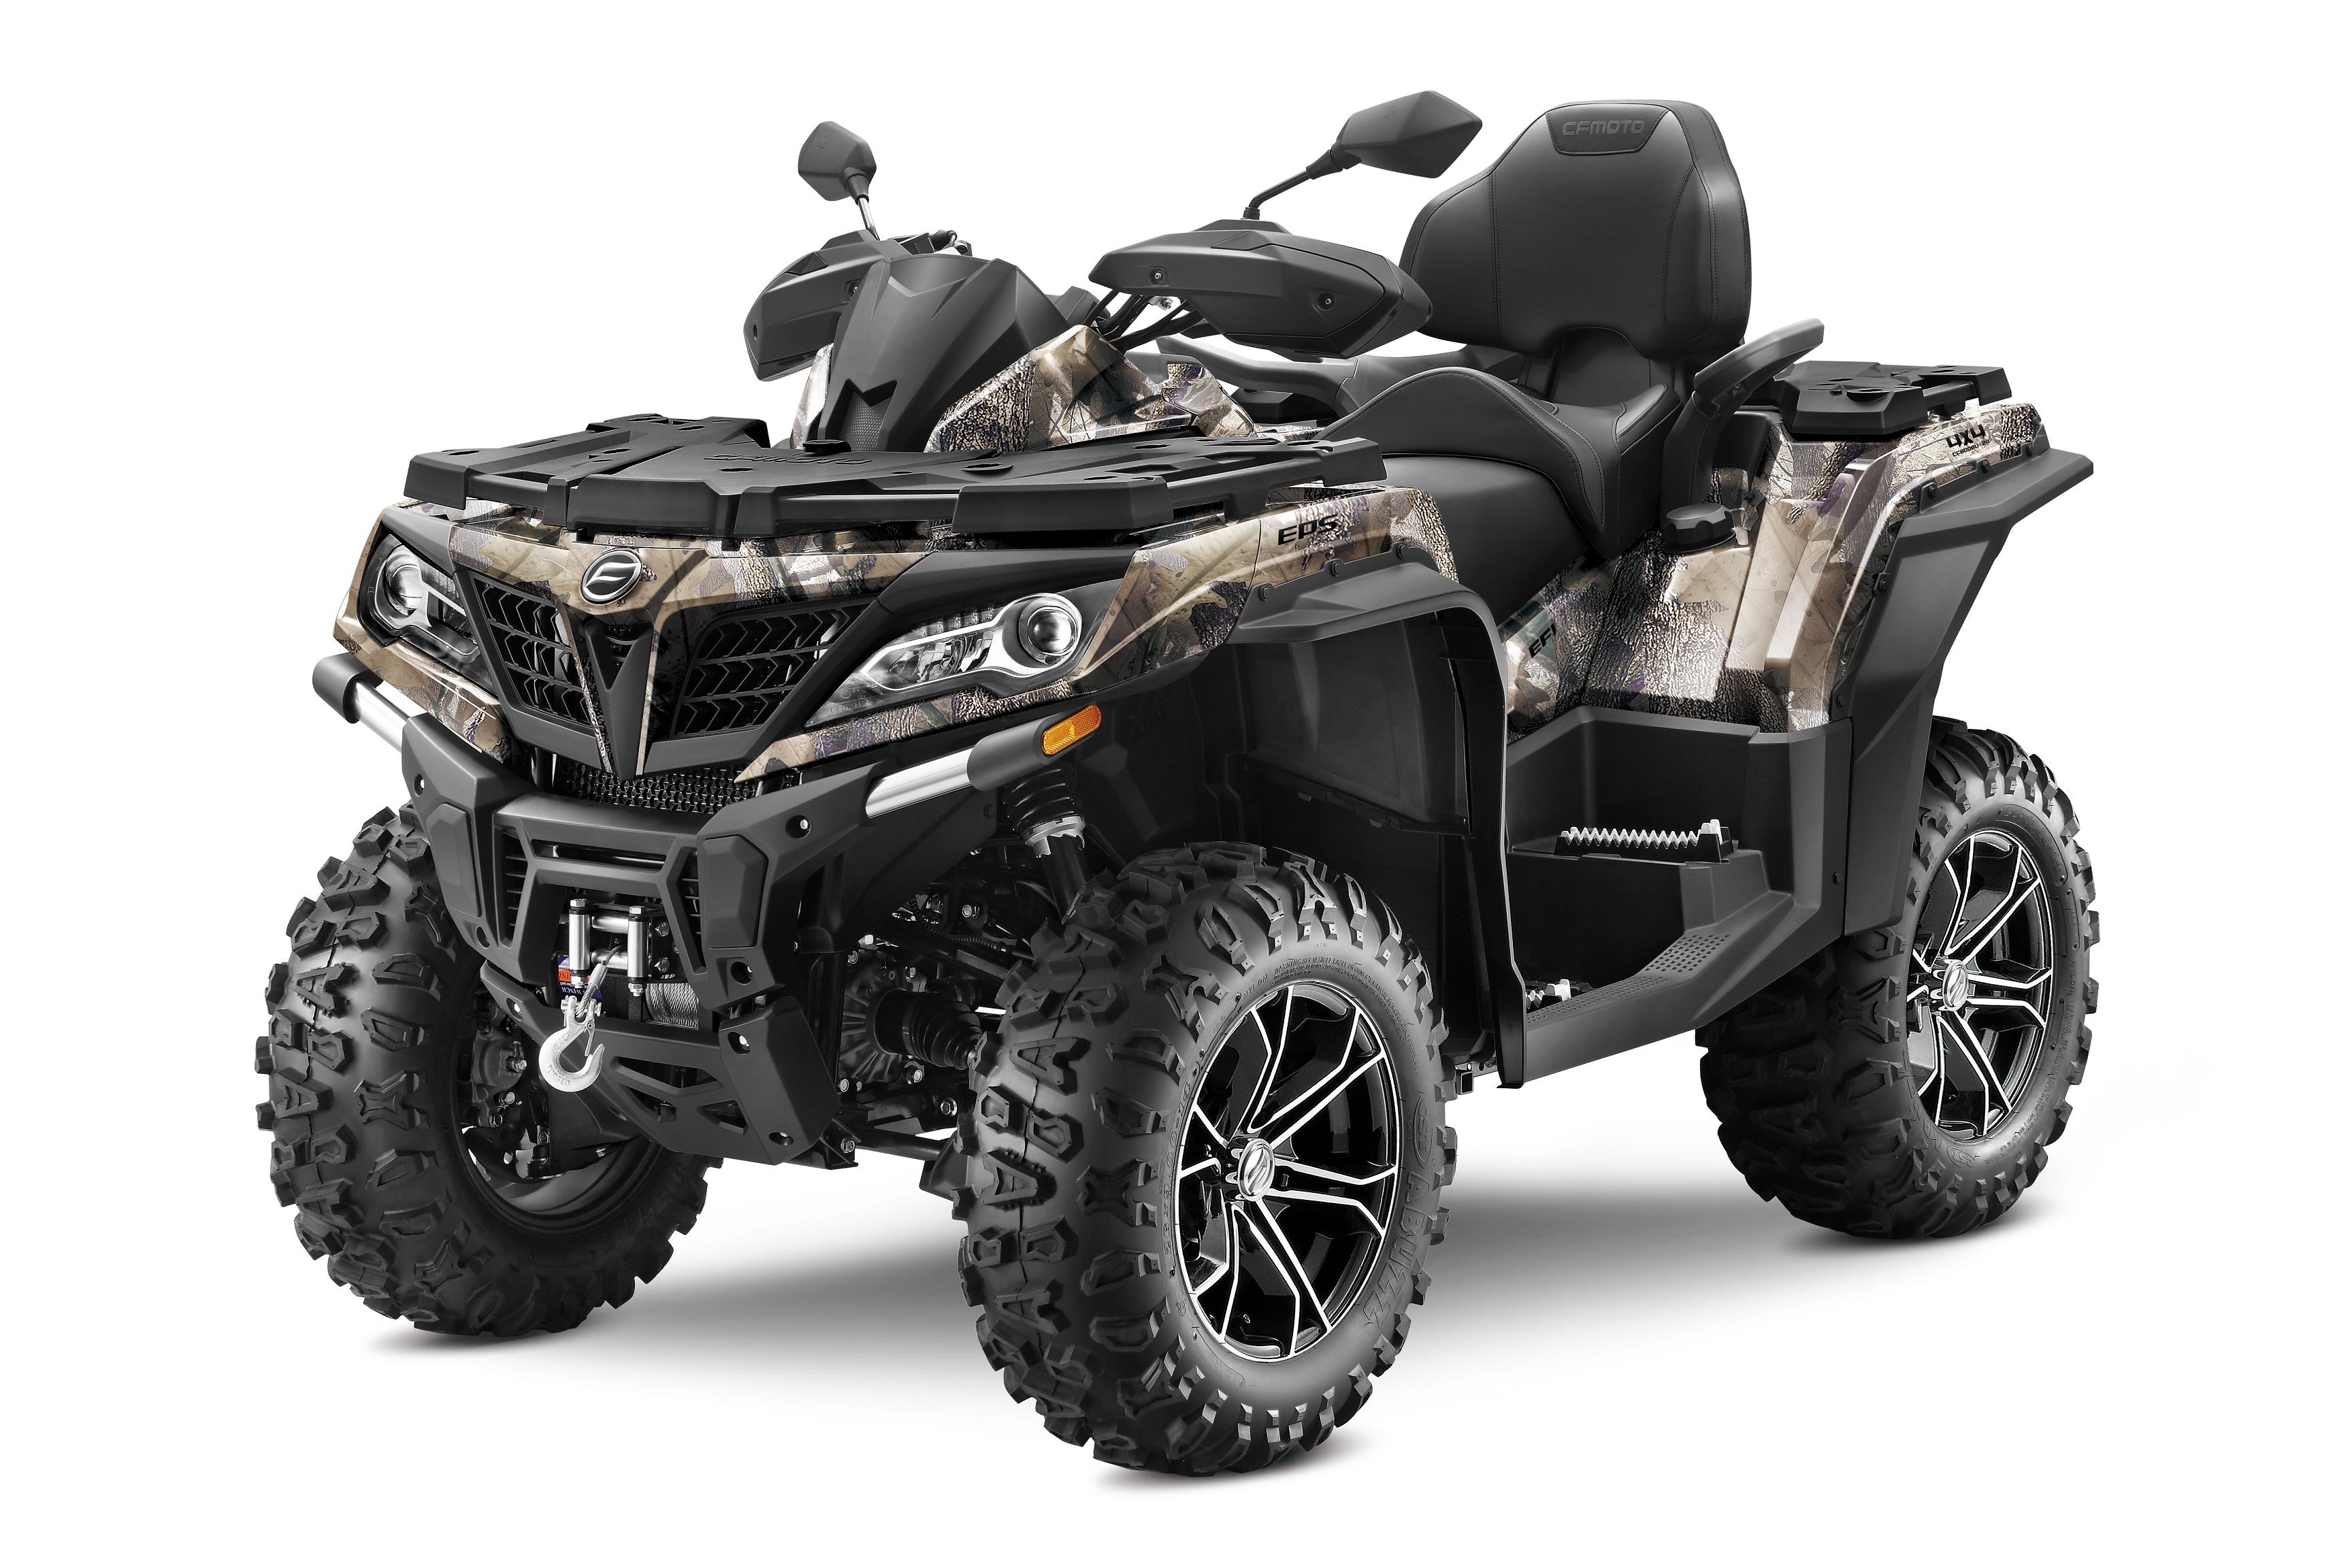 db406c93030 MOTORCYCLES AND QUADS : QUAD CFMOTO CForce 1000 T3